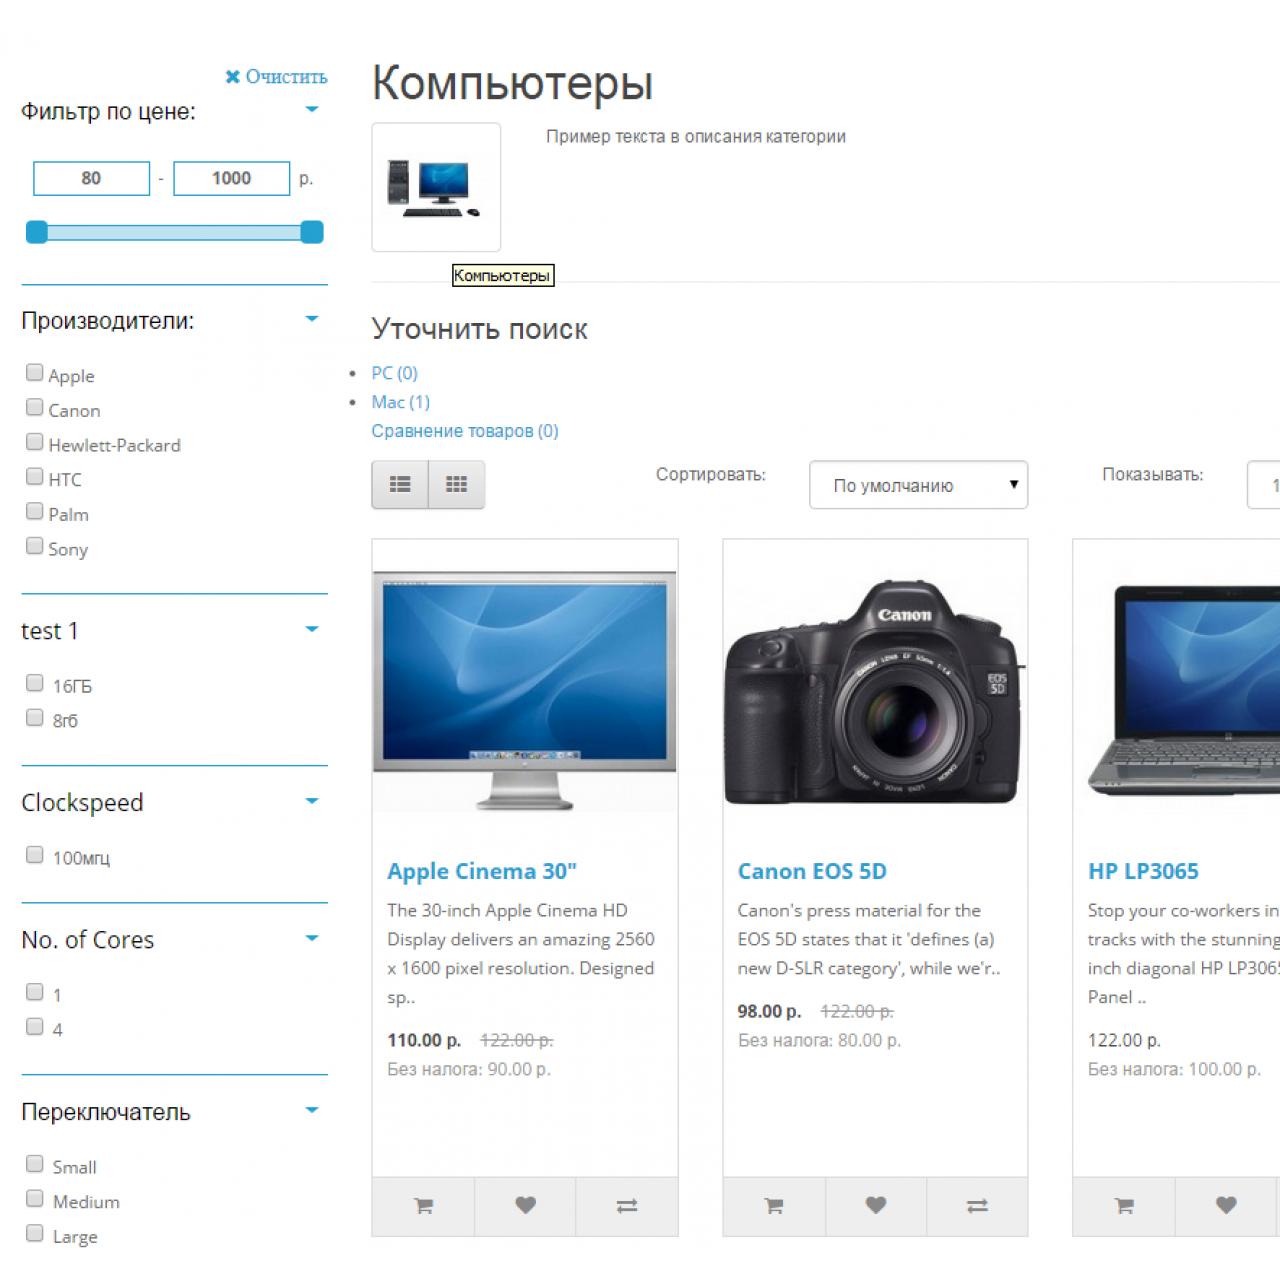 FilterPro v2.0 из категории Фильтры для CMS OpenCart (ОпенКарт)